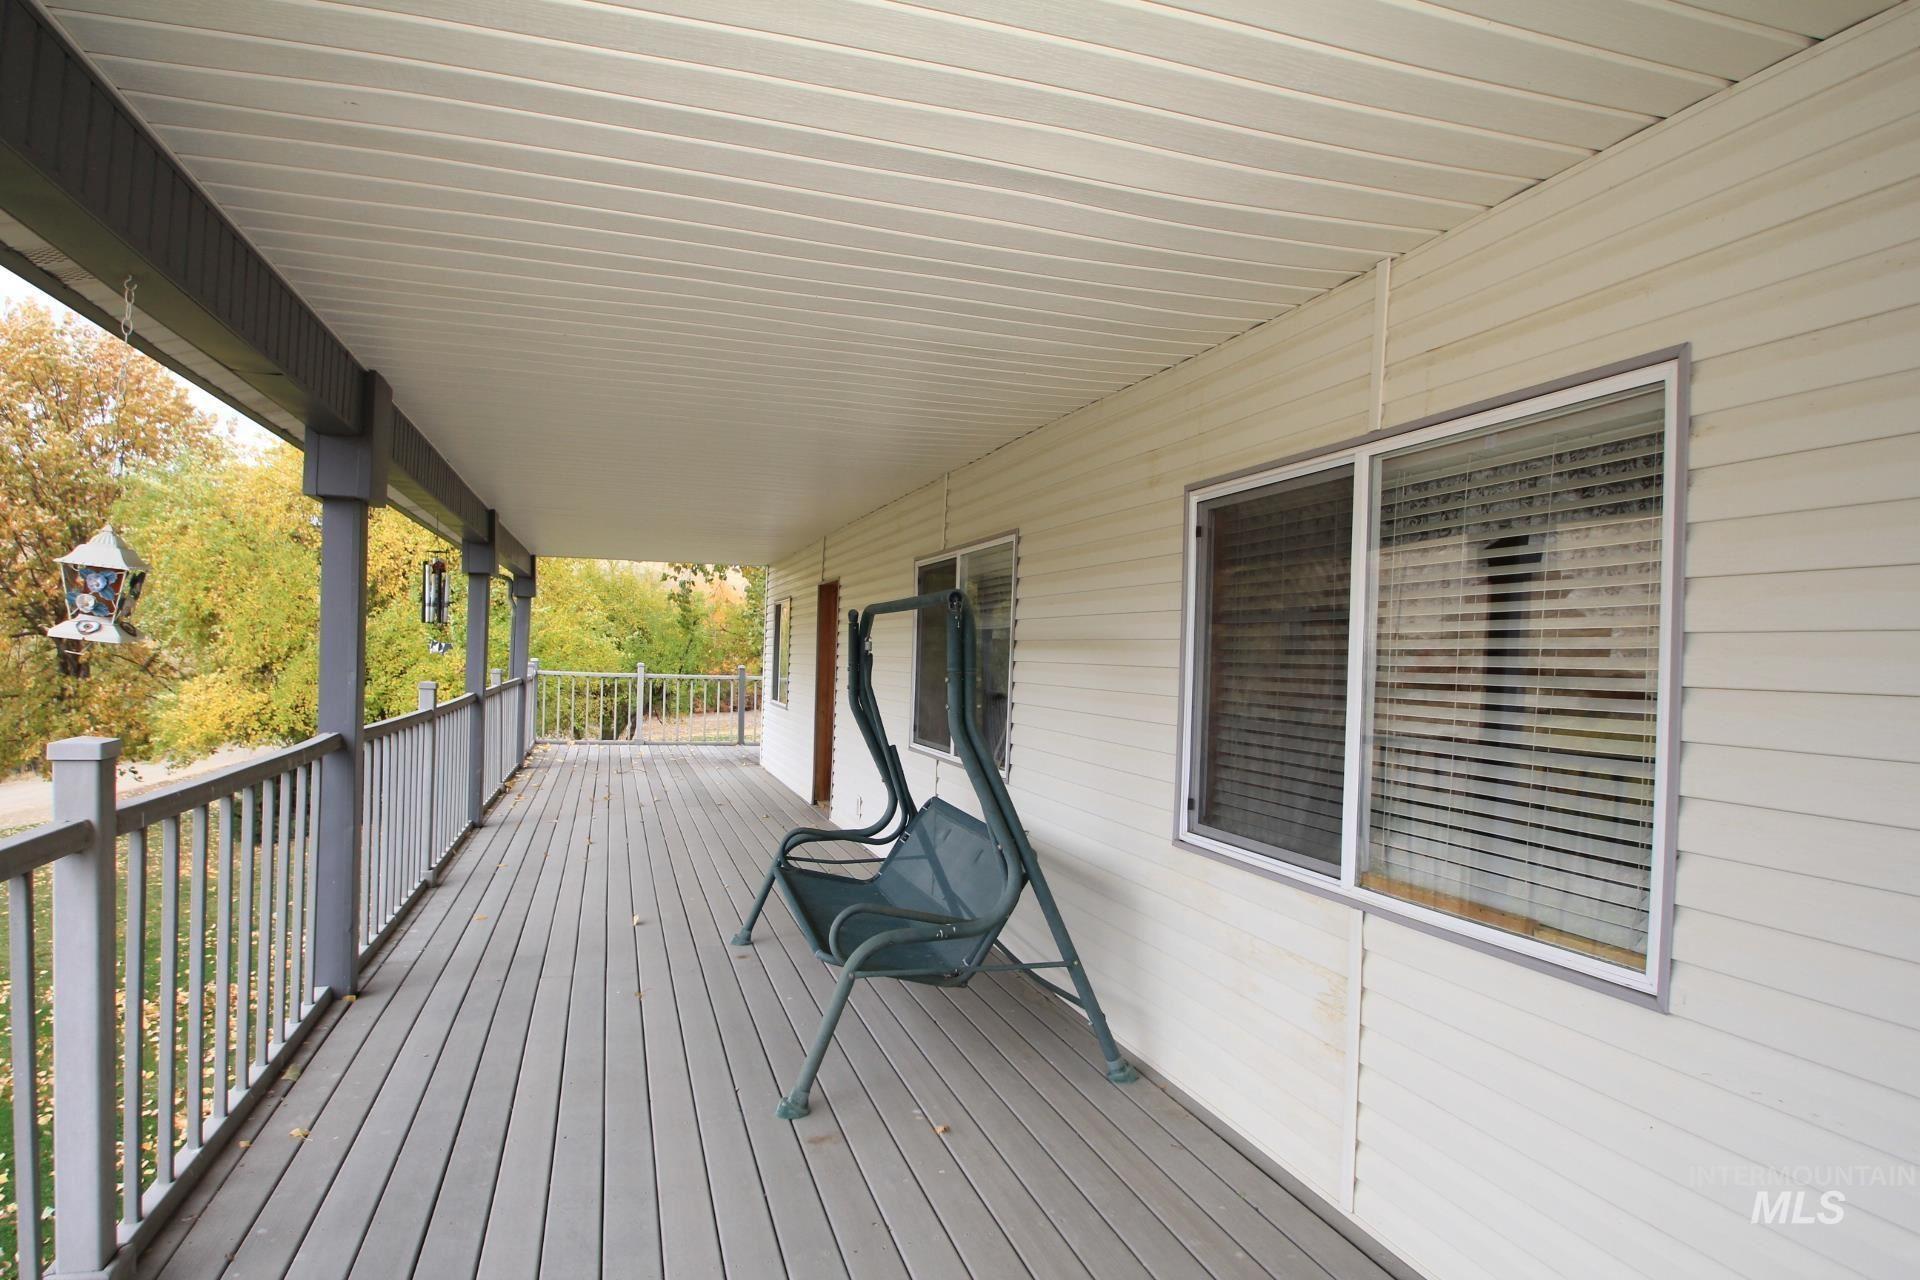 Photo of 365 Pioneer Rd., Horseshoe Bend, ID 83629 (MLS # 98823201)